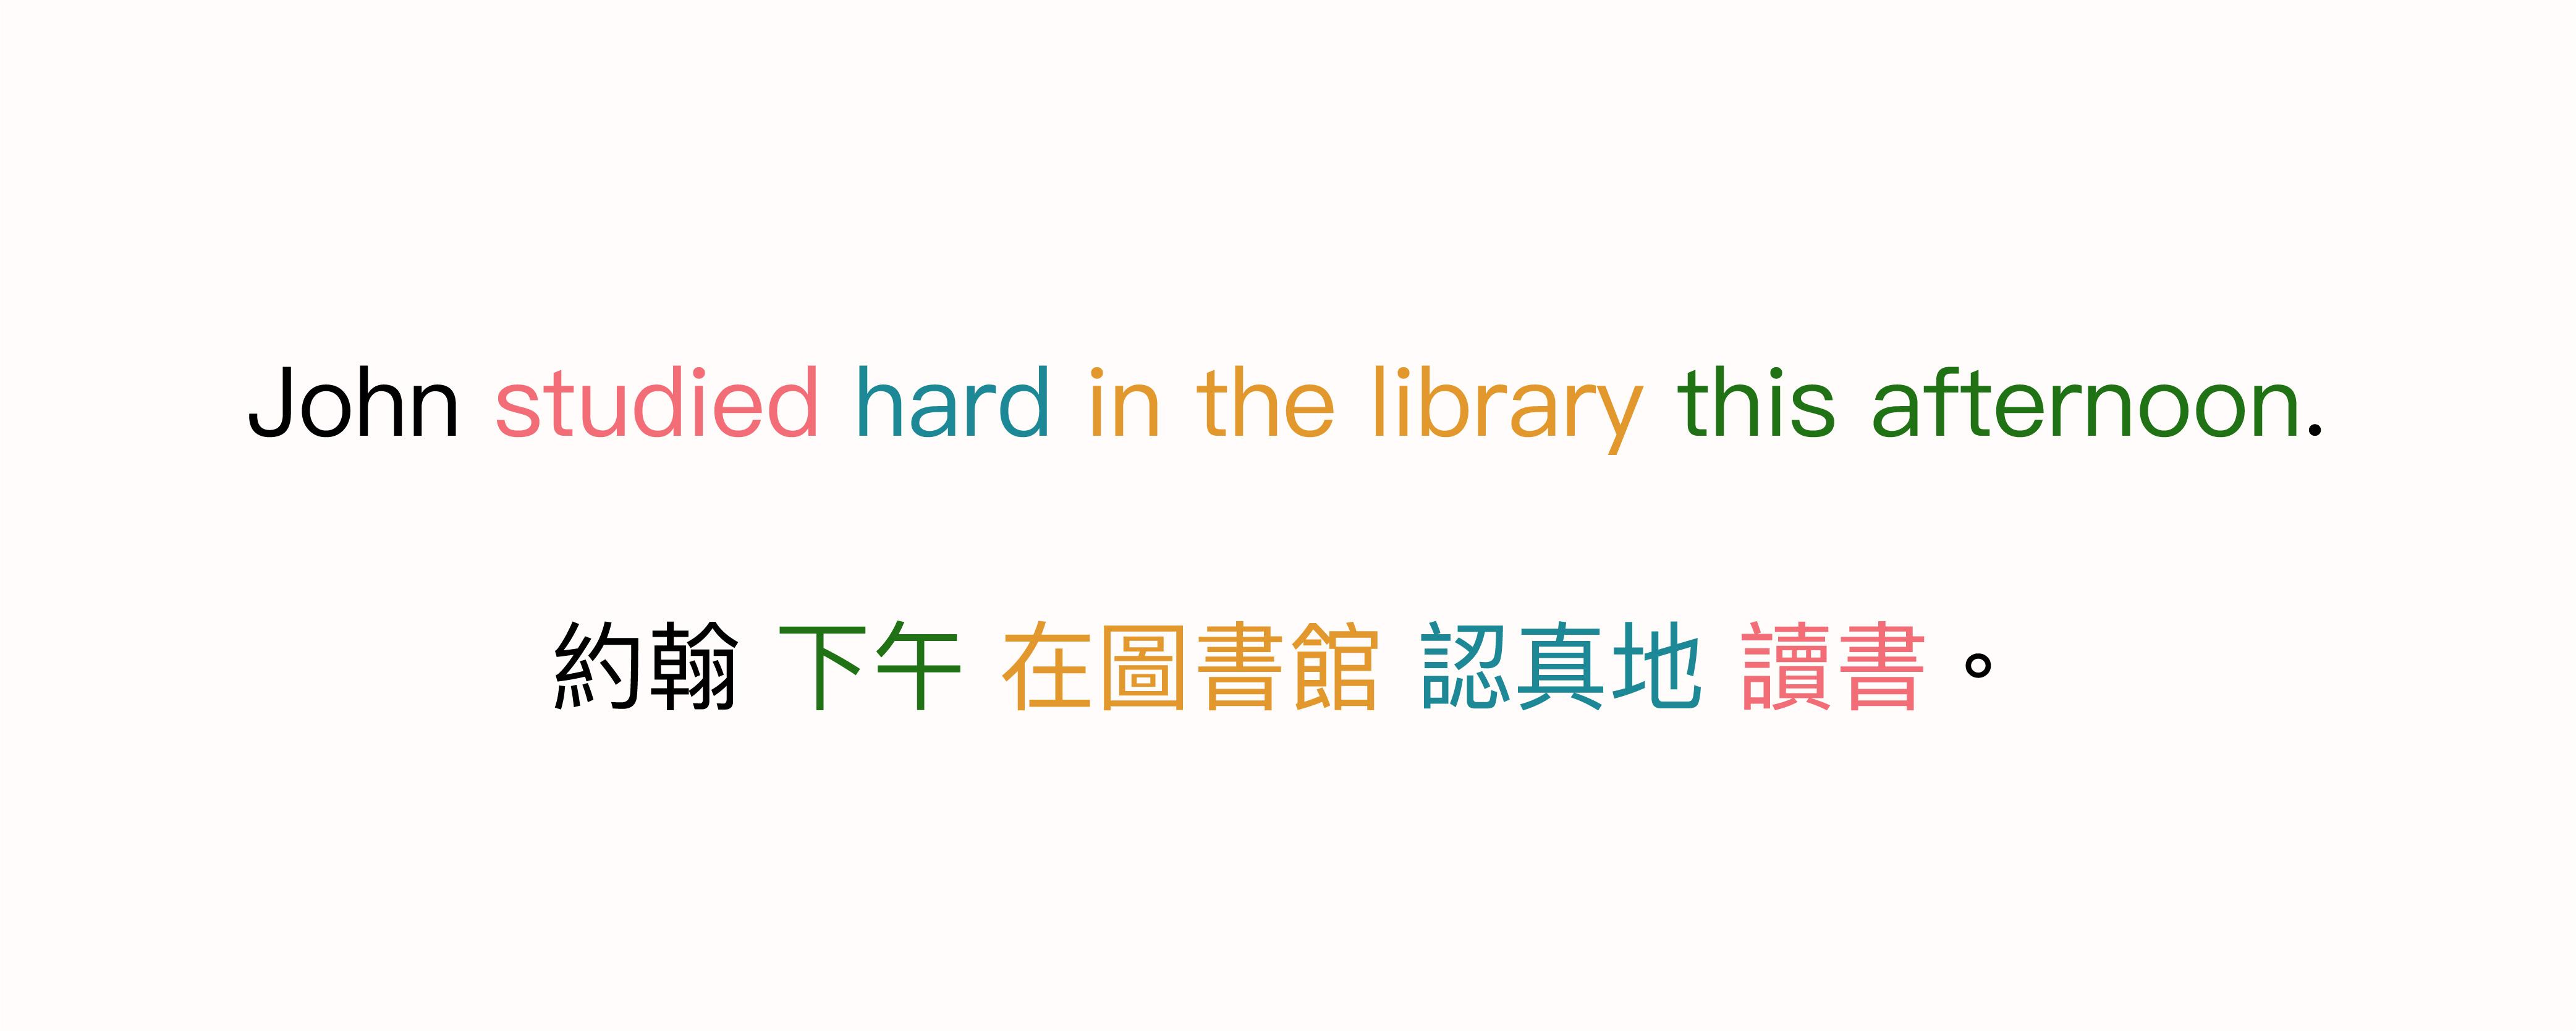 中英文句法結構的對照,同意義的字詞以相同顏色顯示,可以比對出句法的結構順序。 圖說設計│黃楷元、張語辰